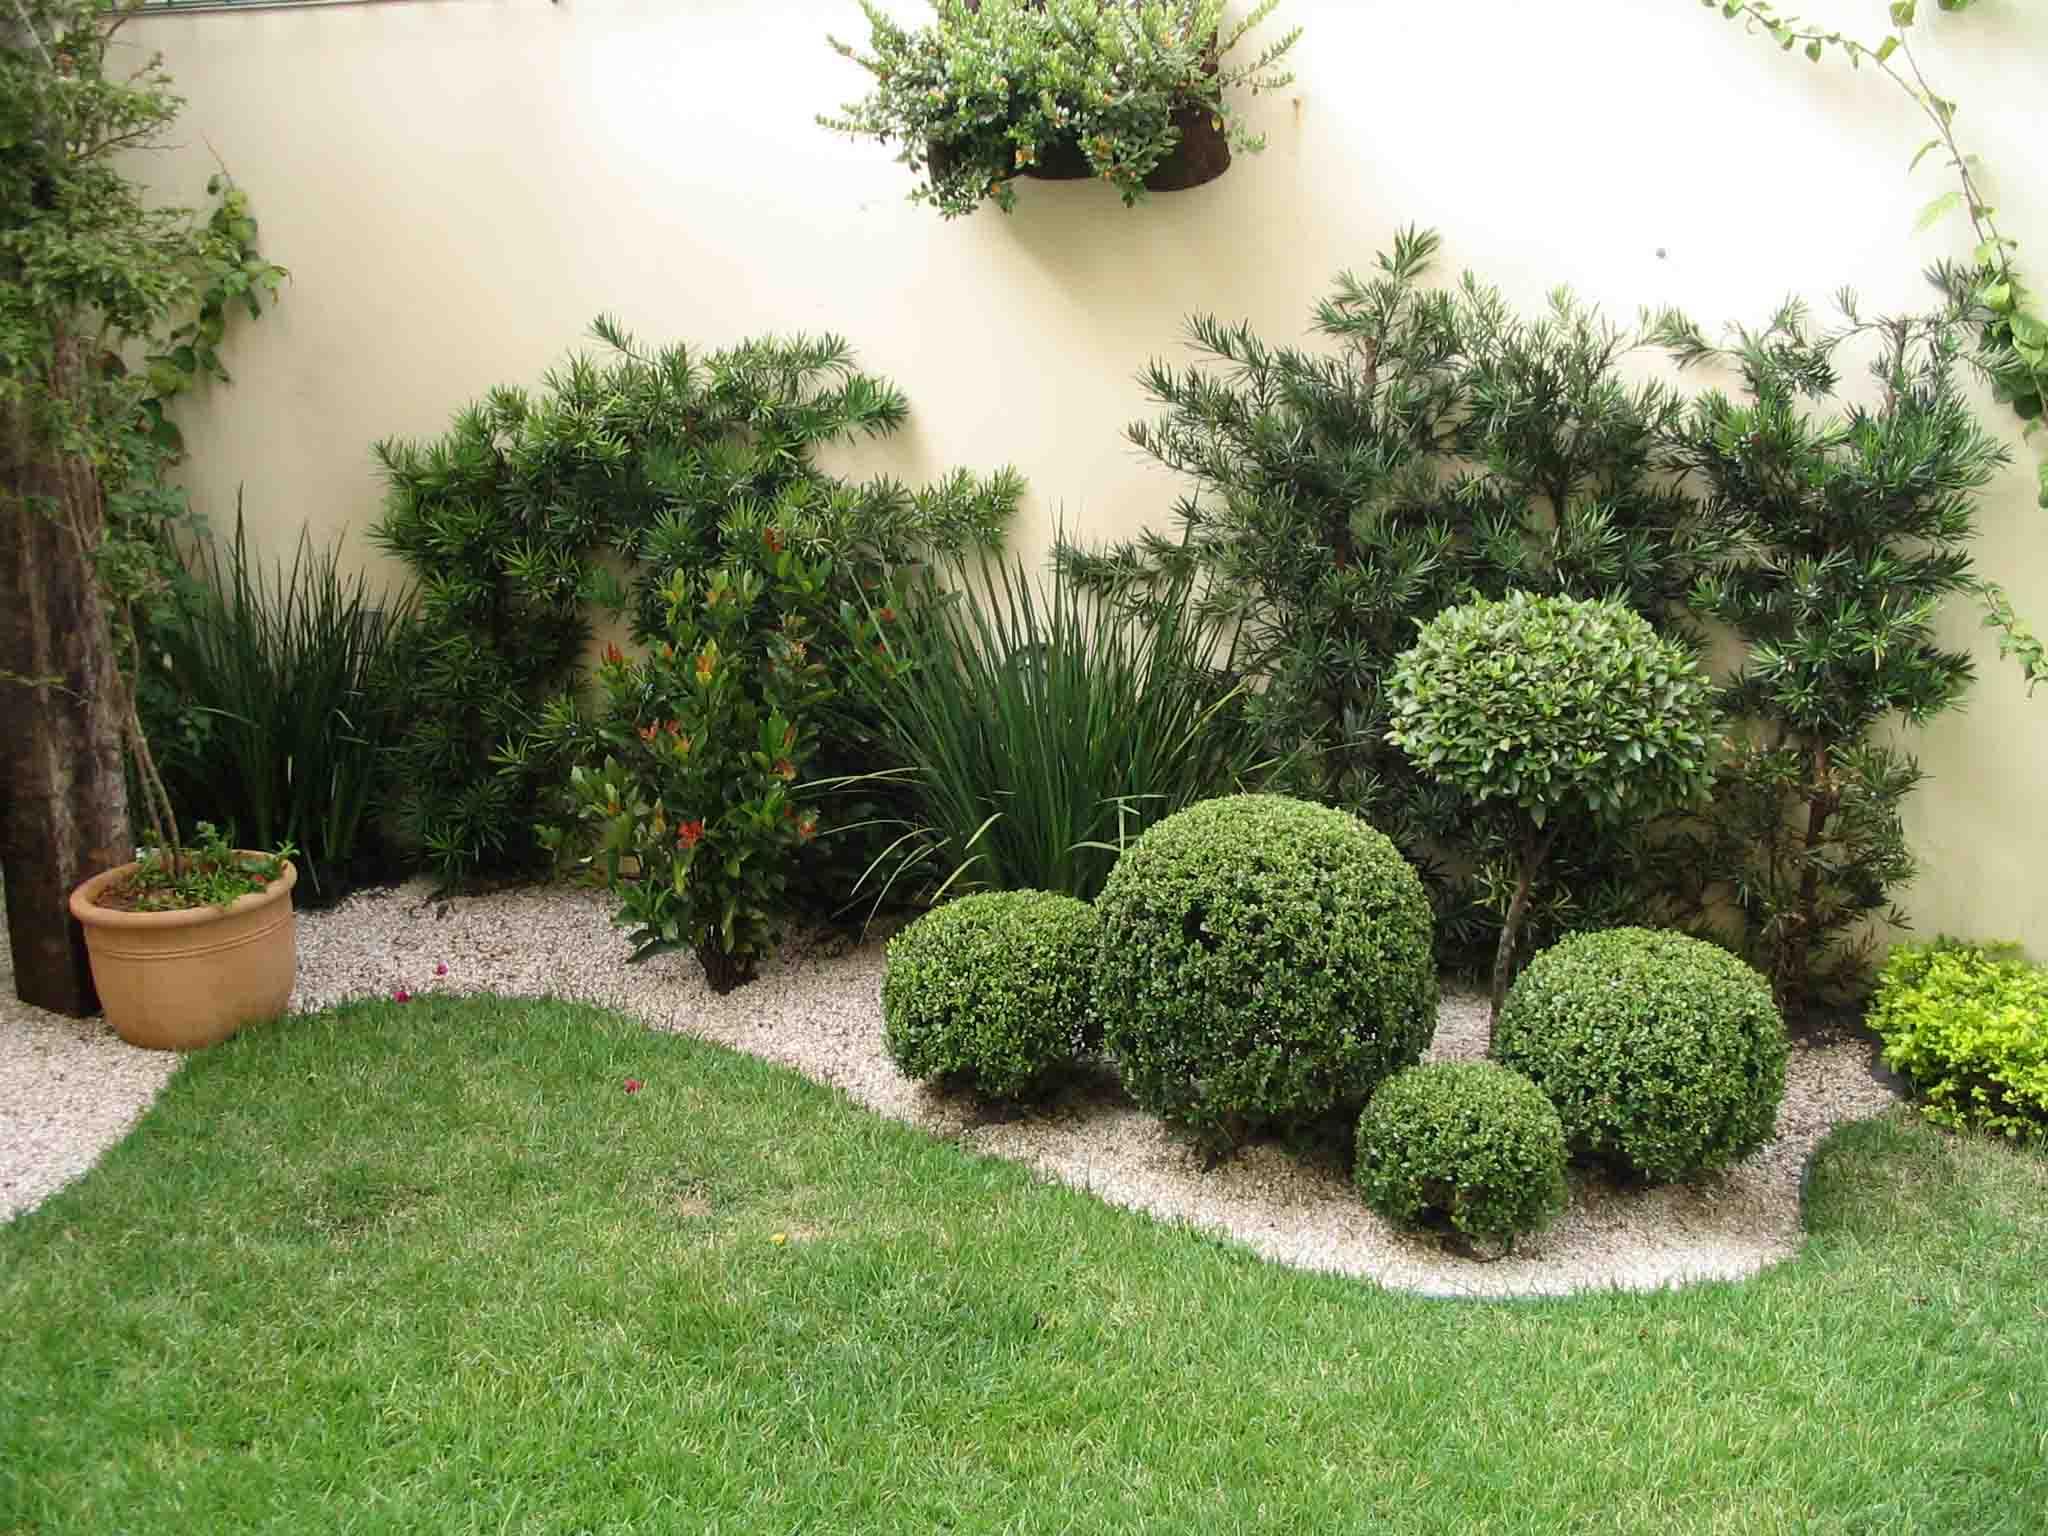 jardim simples com pedras e arbustos